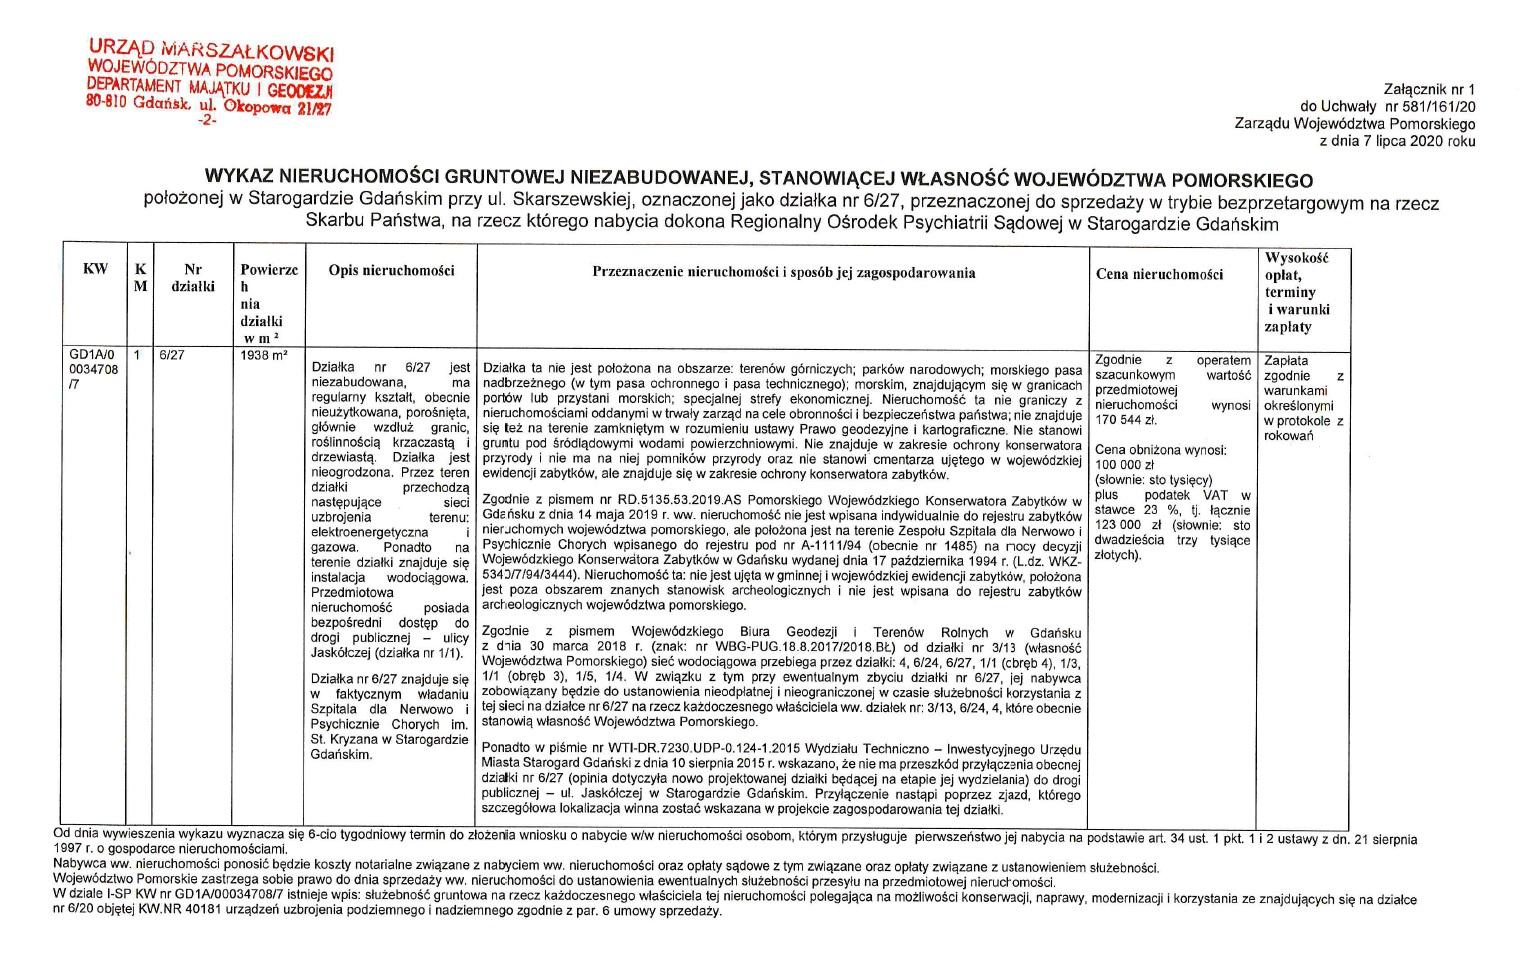 Wykaz nieruchomości gruntowej niezabudowanej położonej w Starogardzie Gdańskim przeznaczonej do sprzedaży w trybie bezprzetargowym